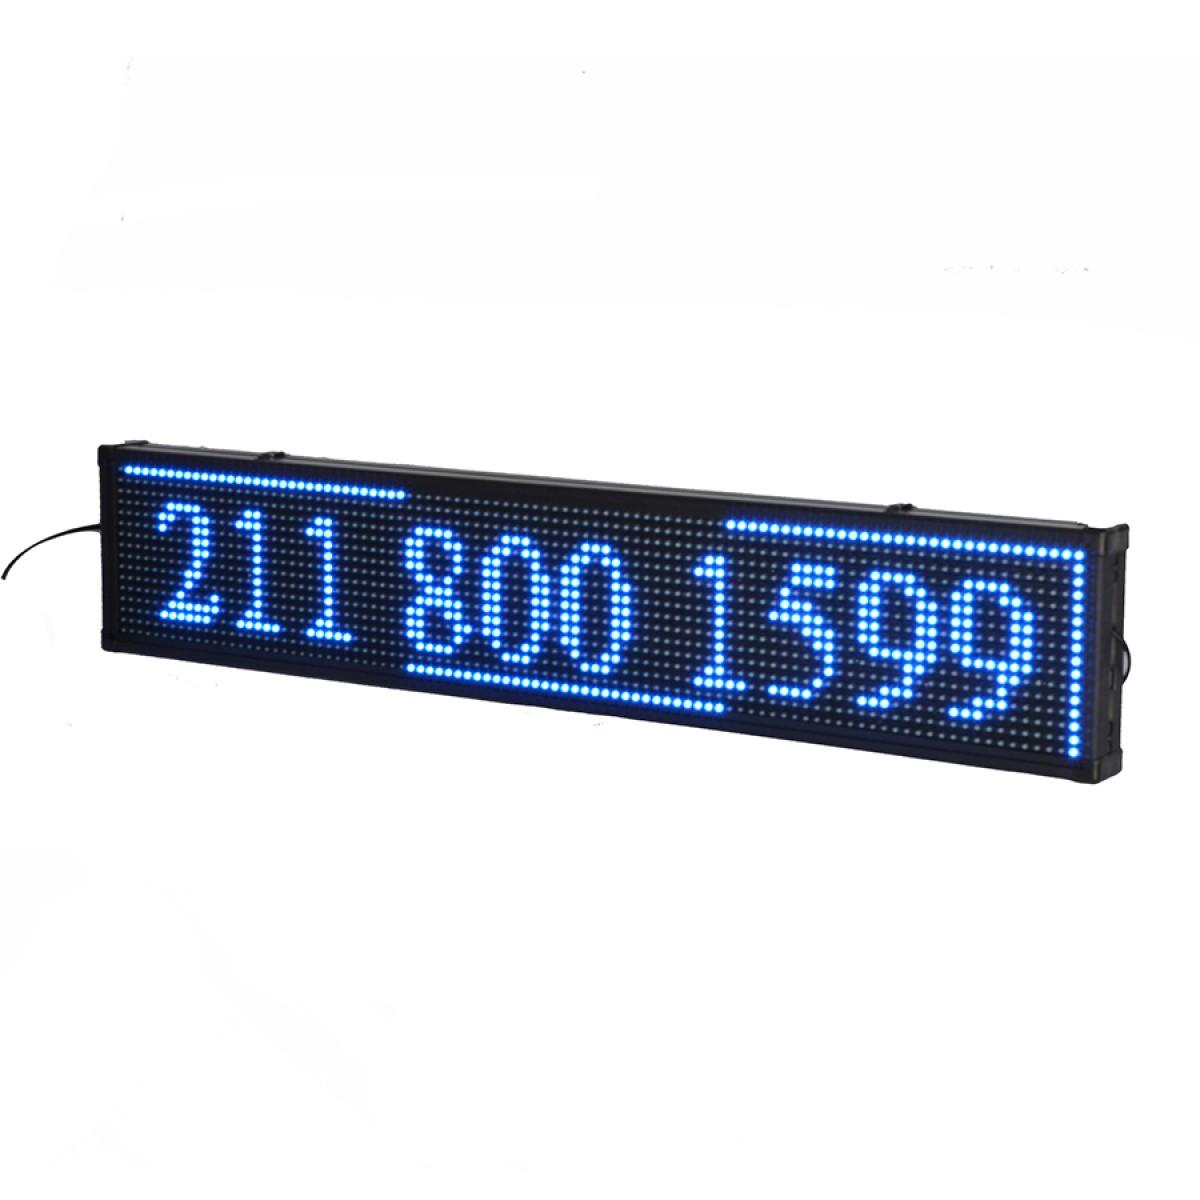 Πινακίδα LED κυλιόμενων μηνυμάτων 100x20 cm μπλέ